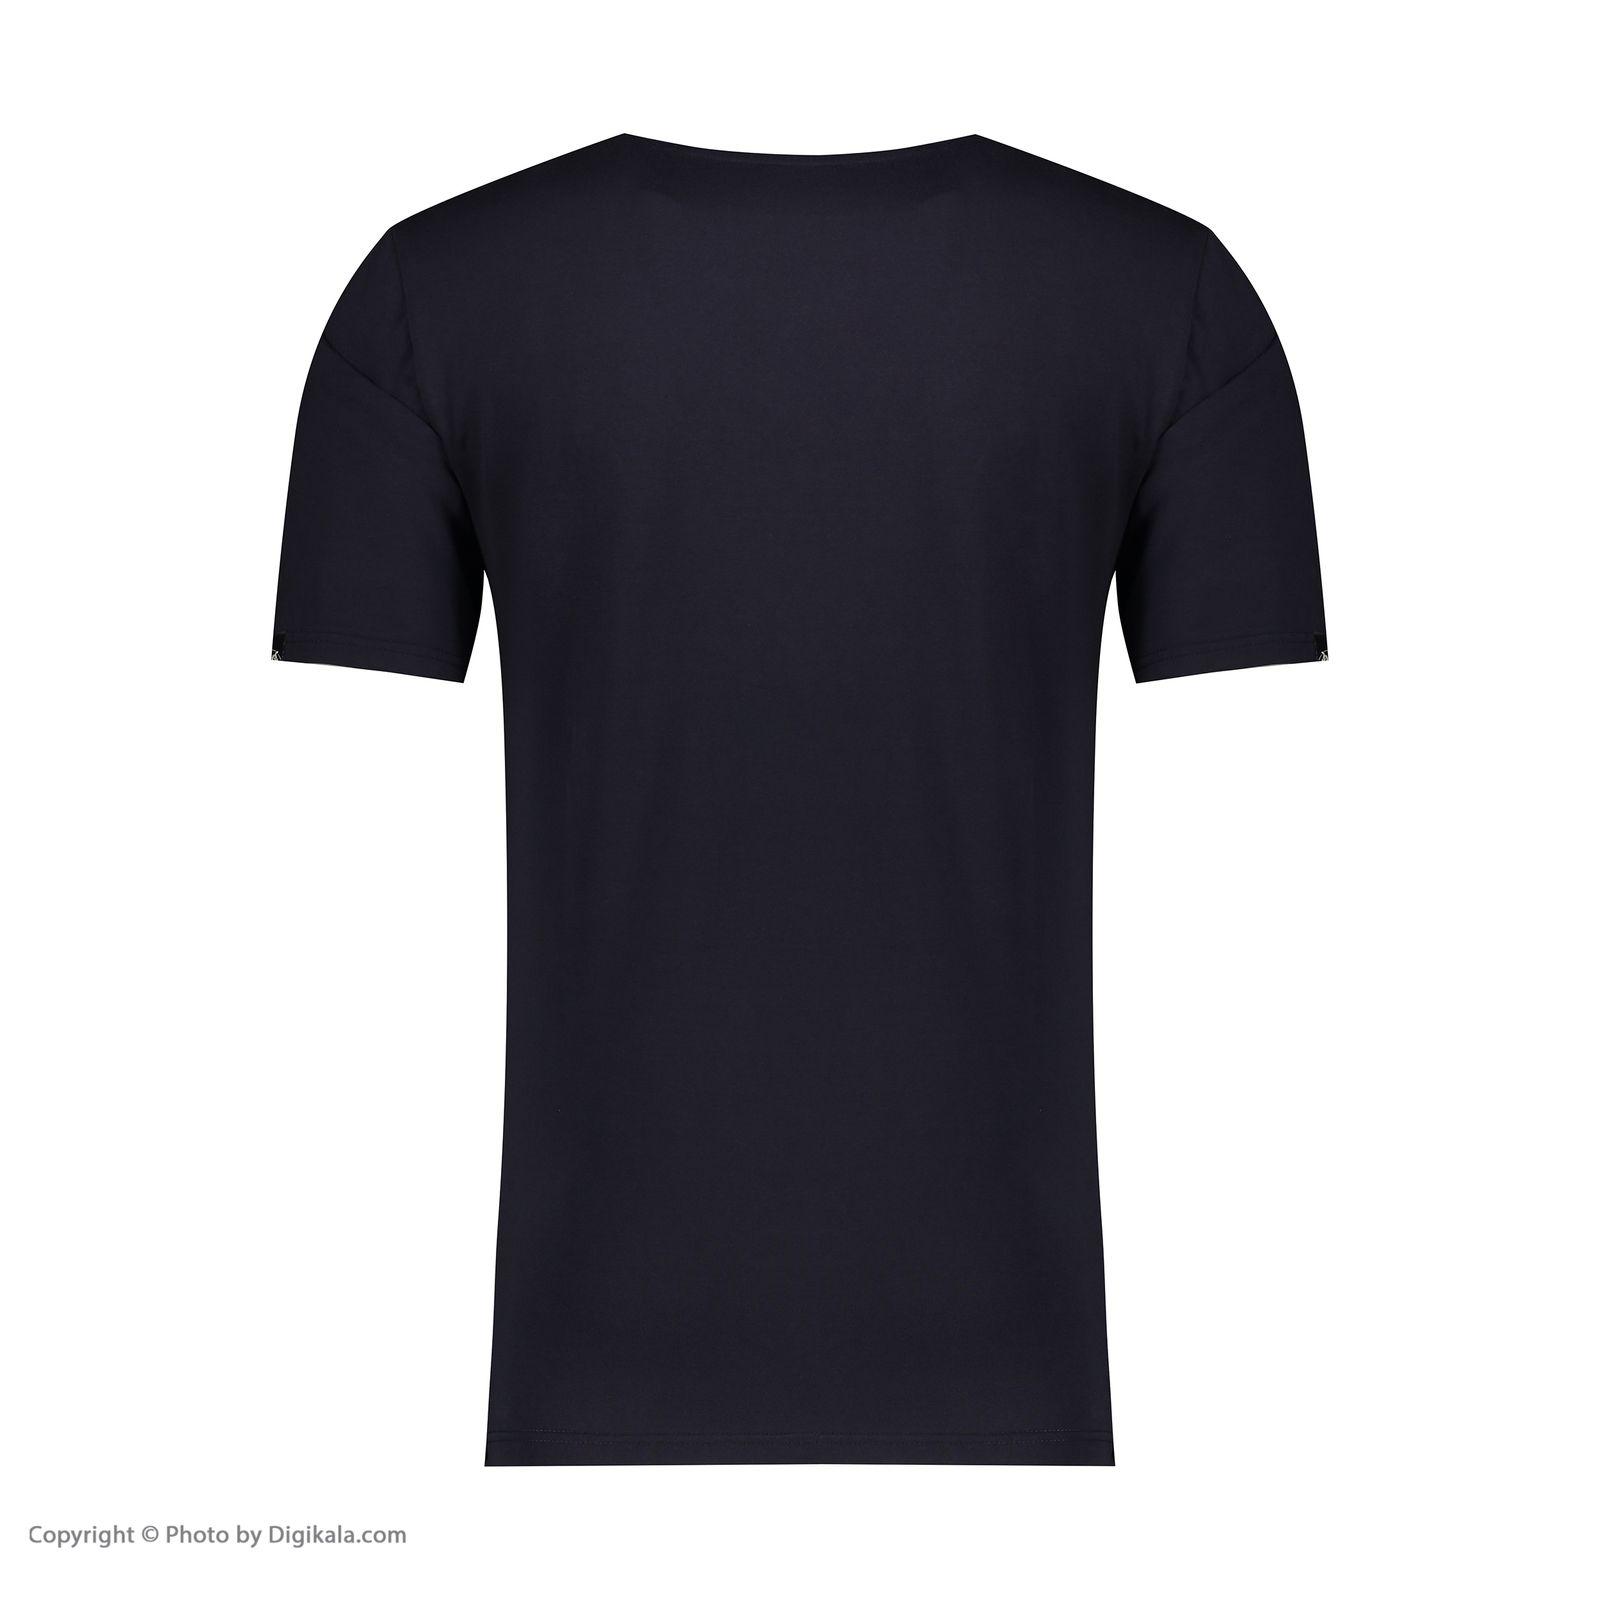 تی شرت مردانه پاتن جامه کد 99M5224 رنگ سرمه ای  -  - 3